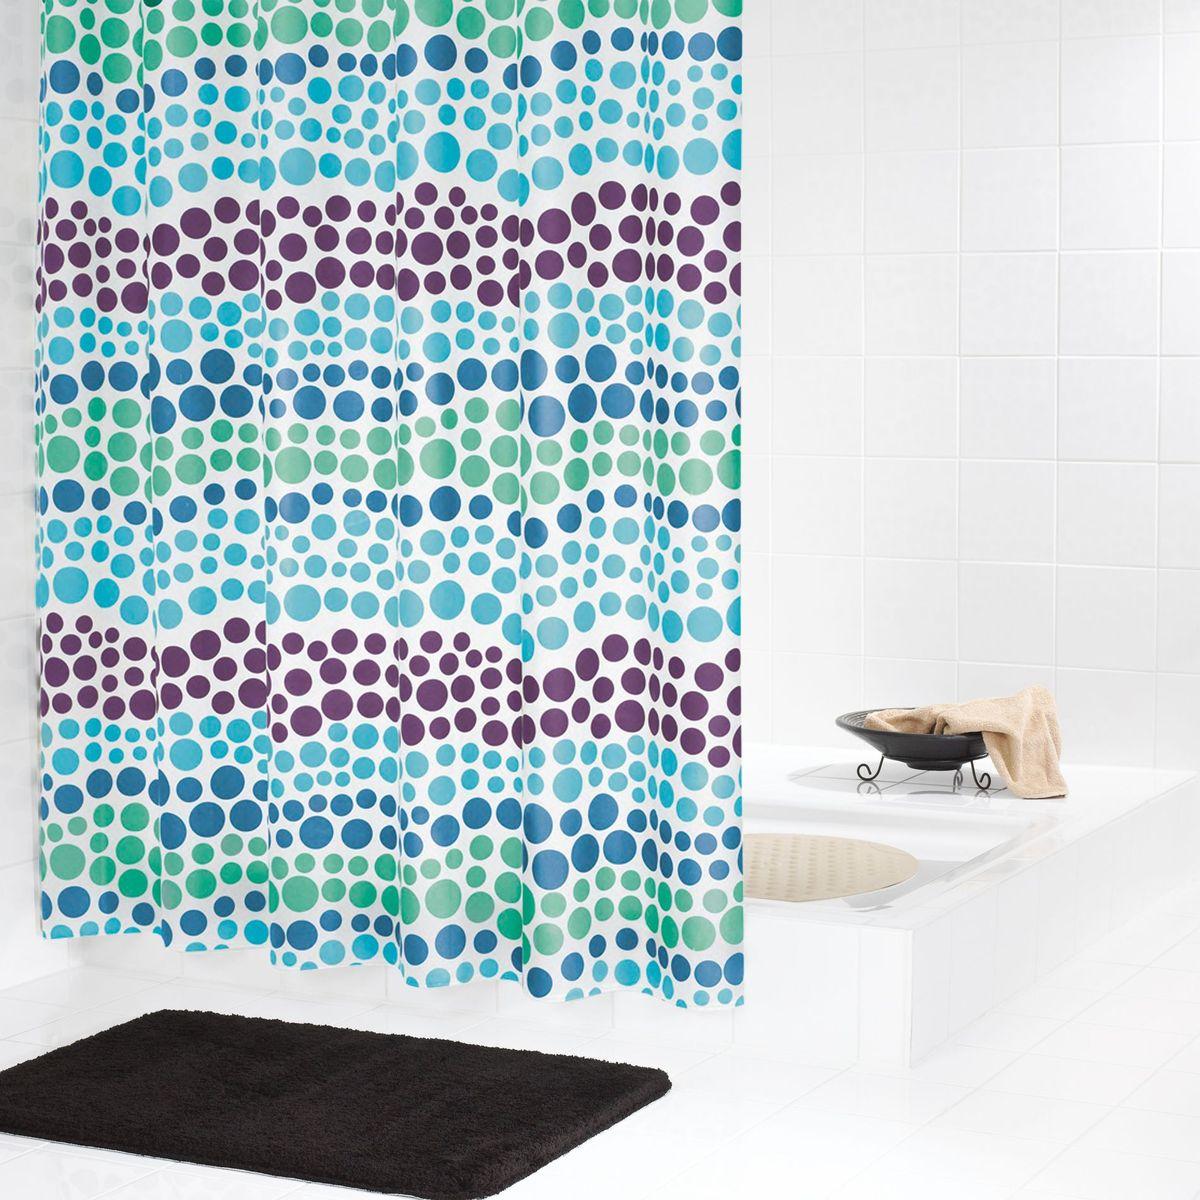 """Высококачественная немецкая шторка Ridder """"Layer"""" создаст прекрасное настроение в ванной комнате.  Данное изделие имеет водоотталкивающее покрытие и усиленный верхний кант. Кольца не входят в комплект."""